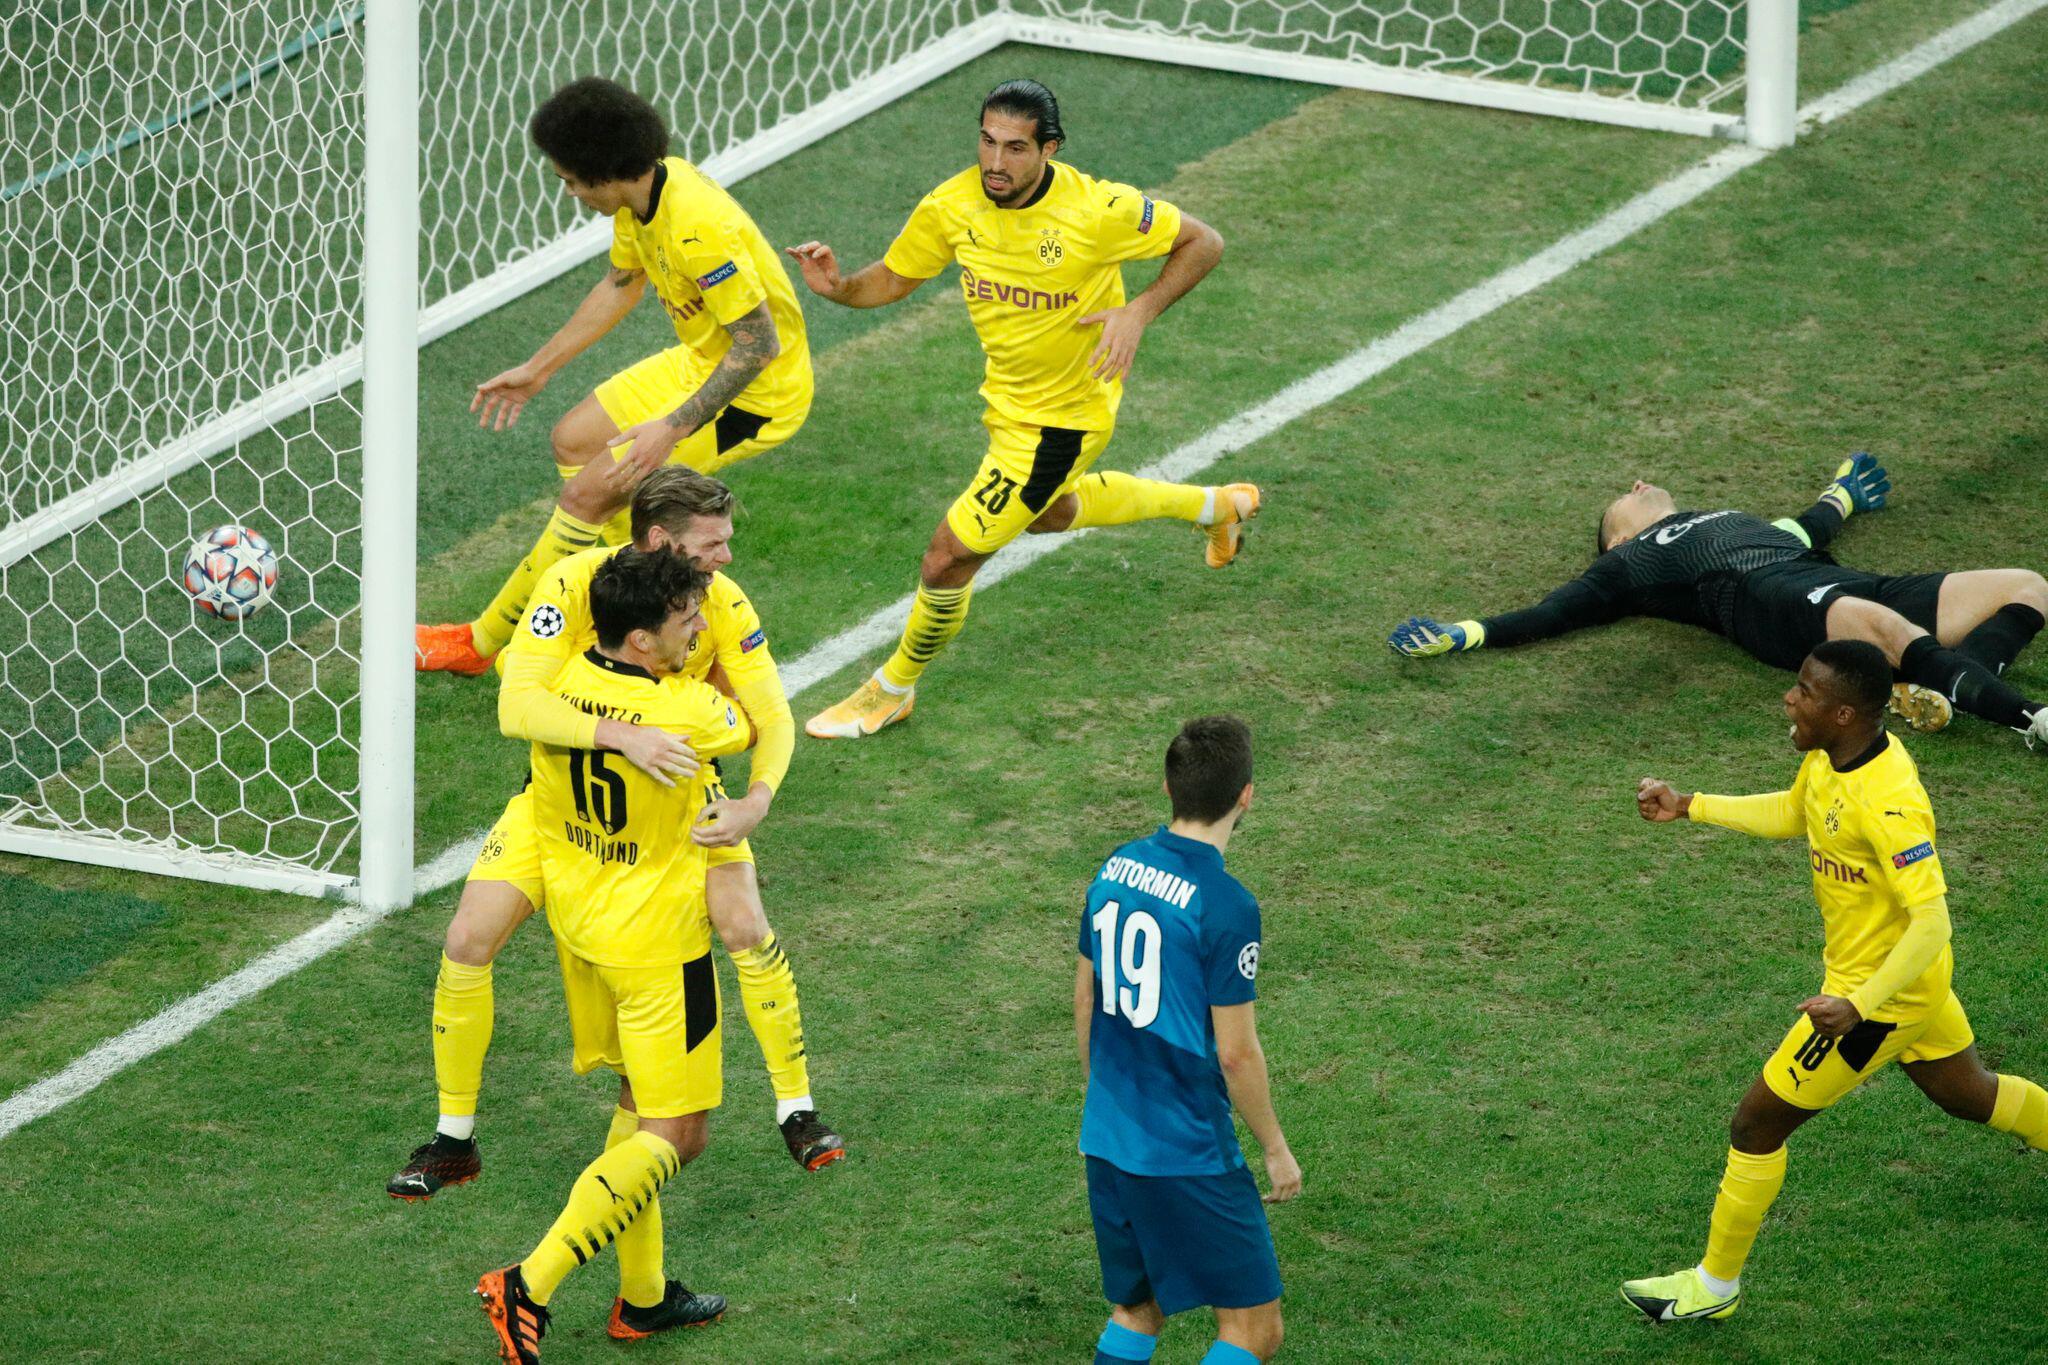 Bild zu Zenit St. Petersburg - Borussia Dortmund